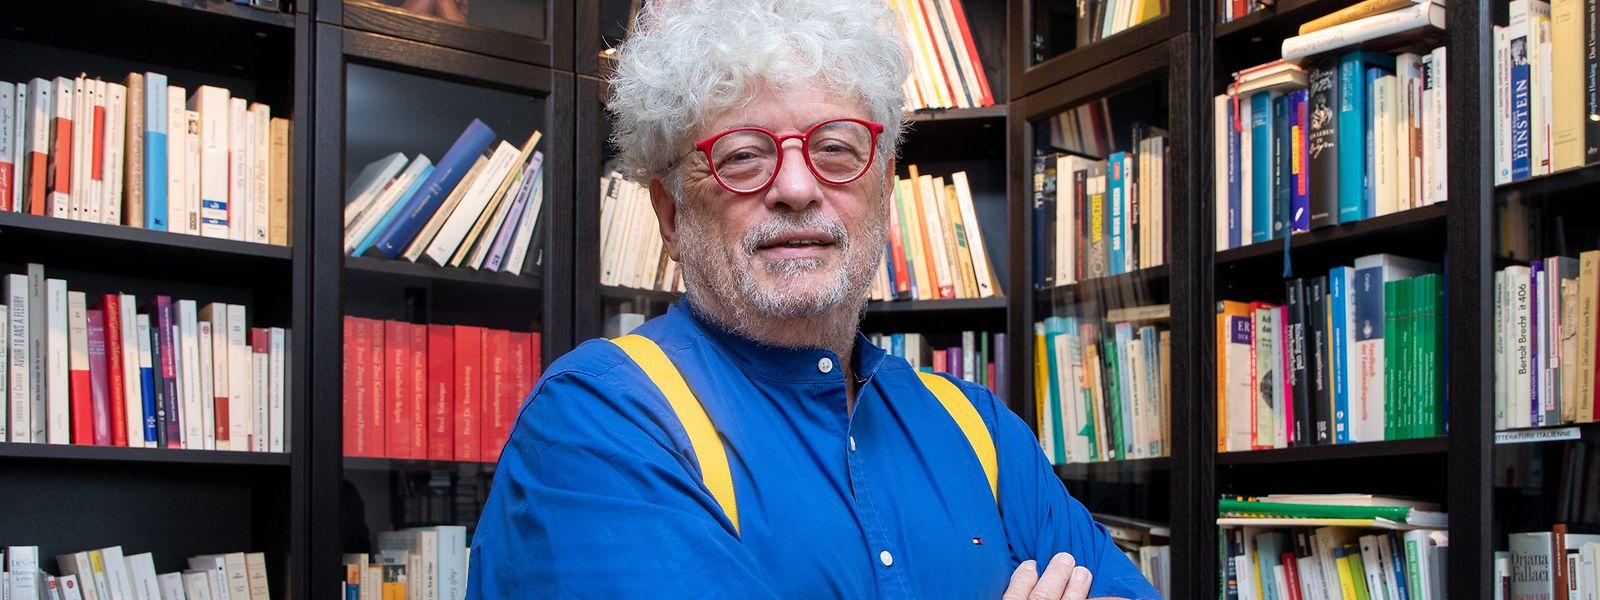 Die Aspekte der psychischen Gesundheit und der Beziehungen wurden außer acht gelassen, kritisiert Gilbert Pregno.